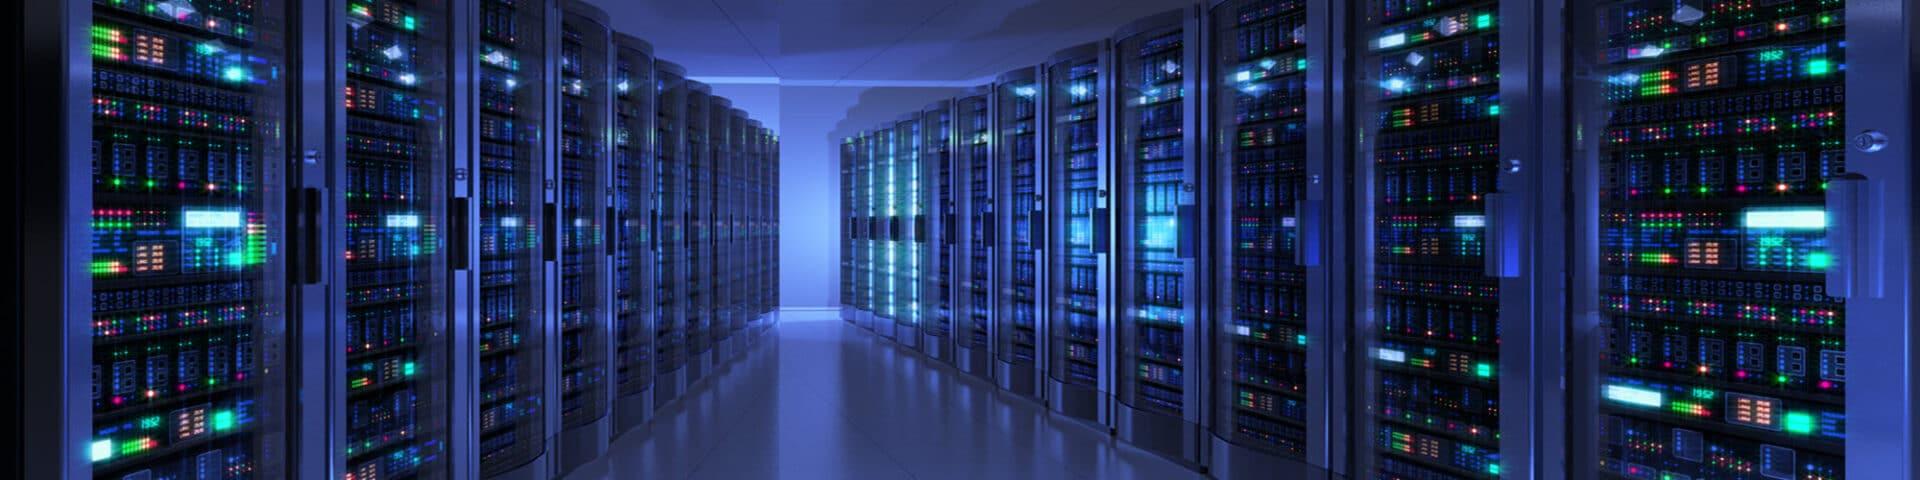 Apache Web Server Data Center